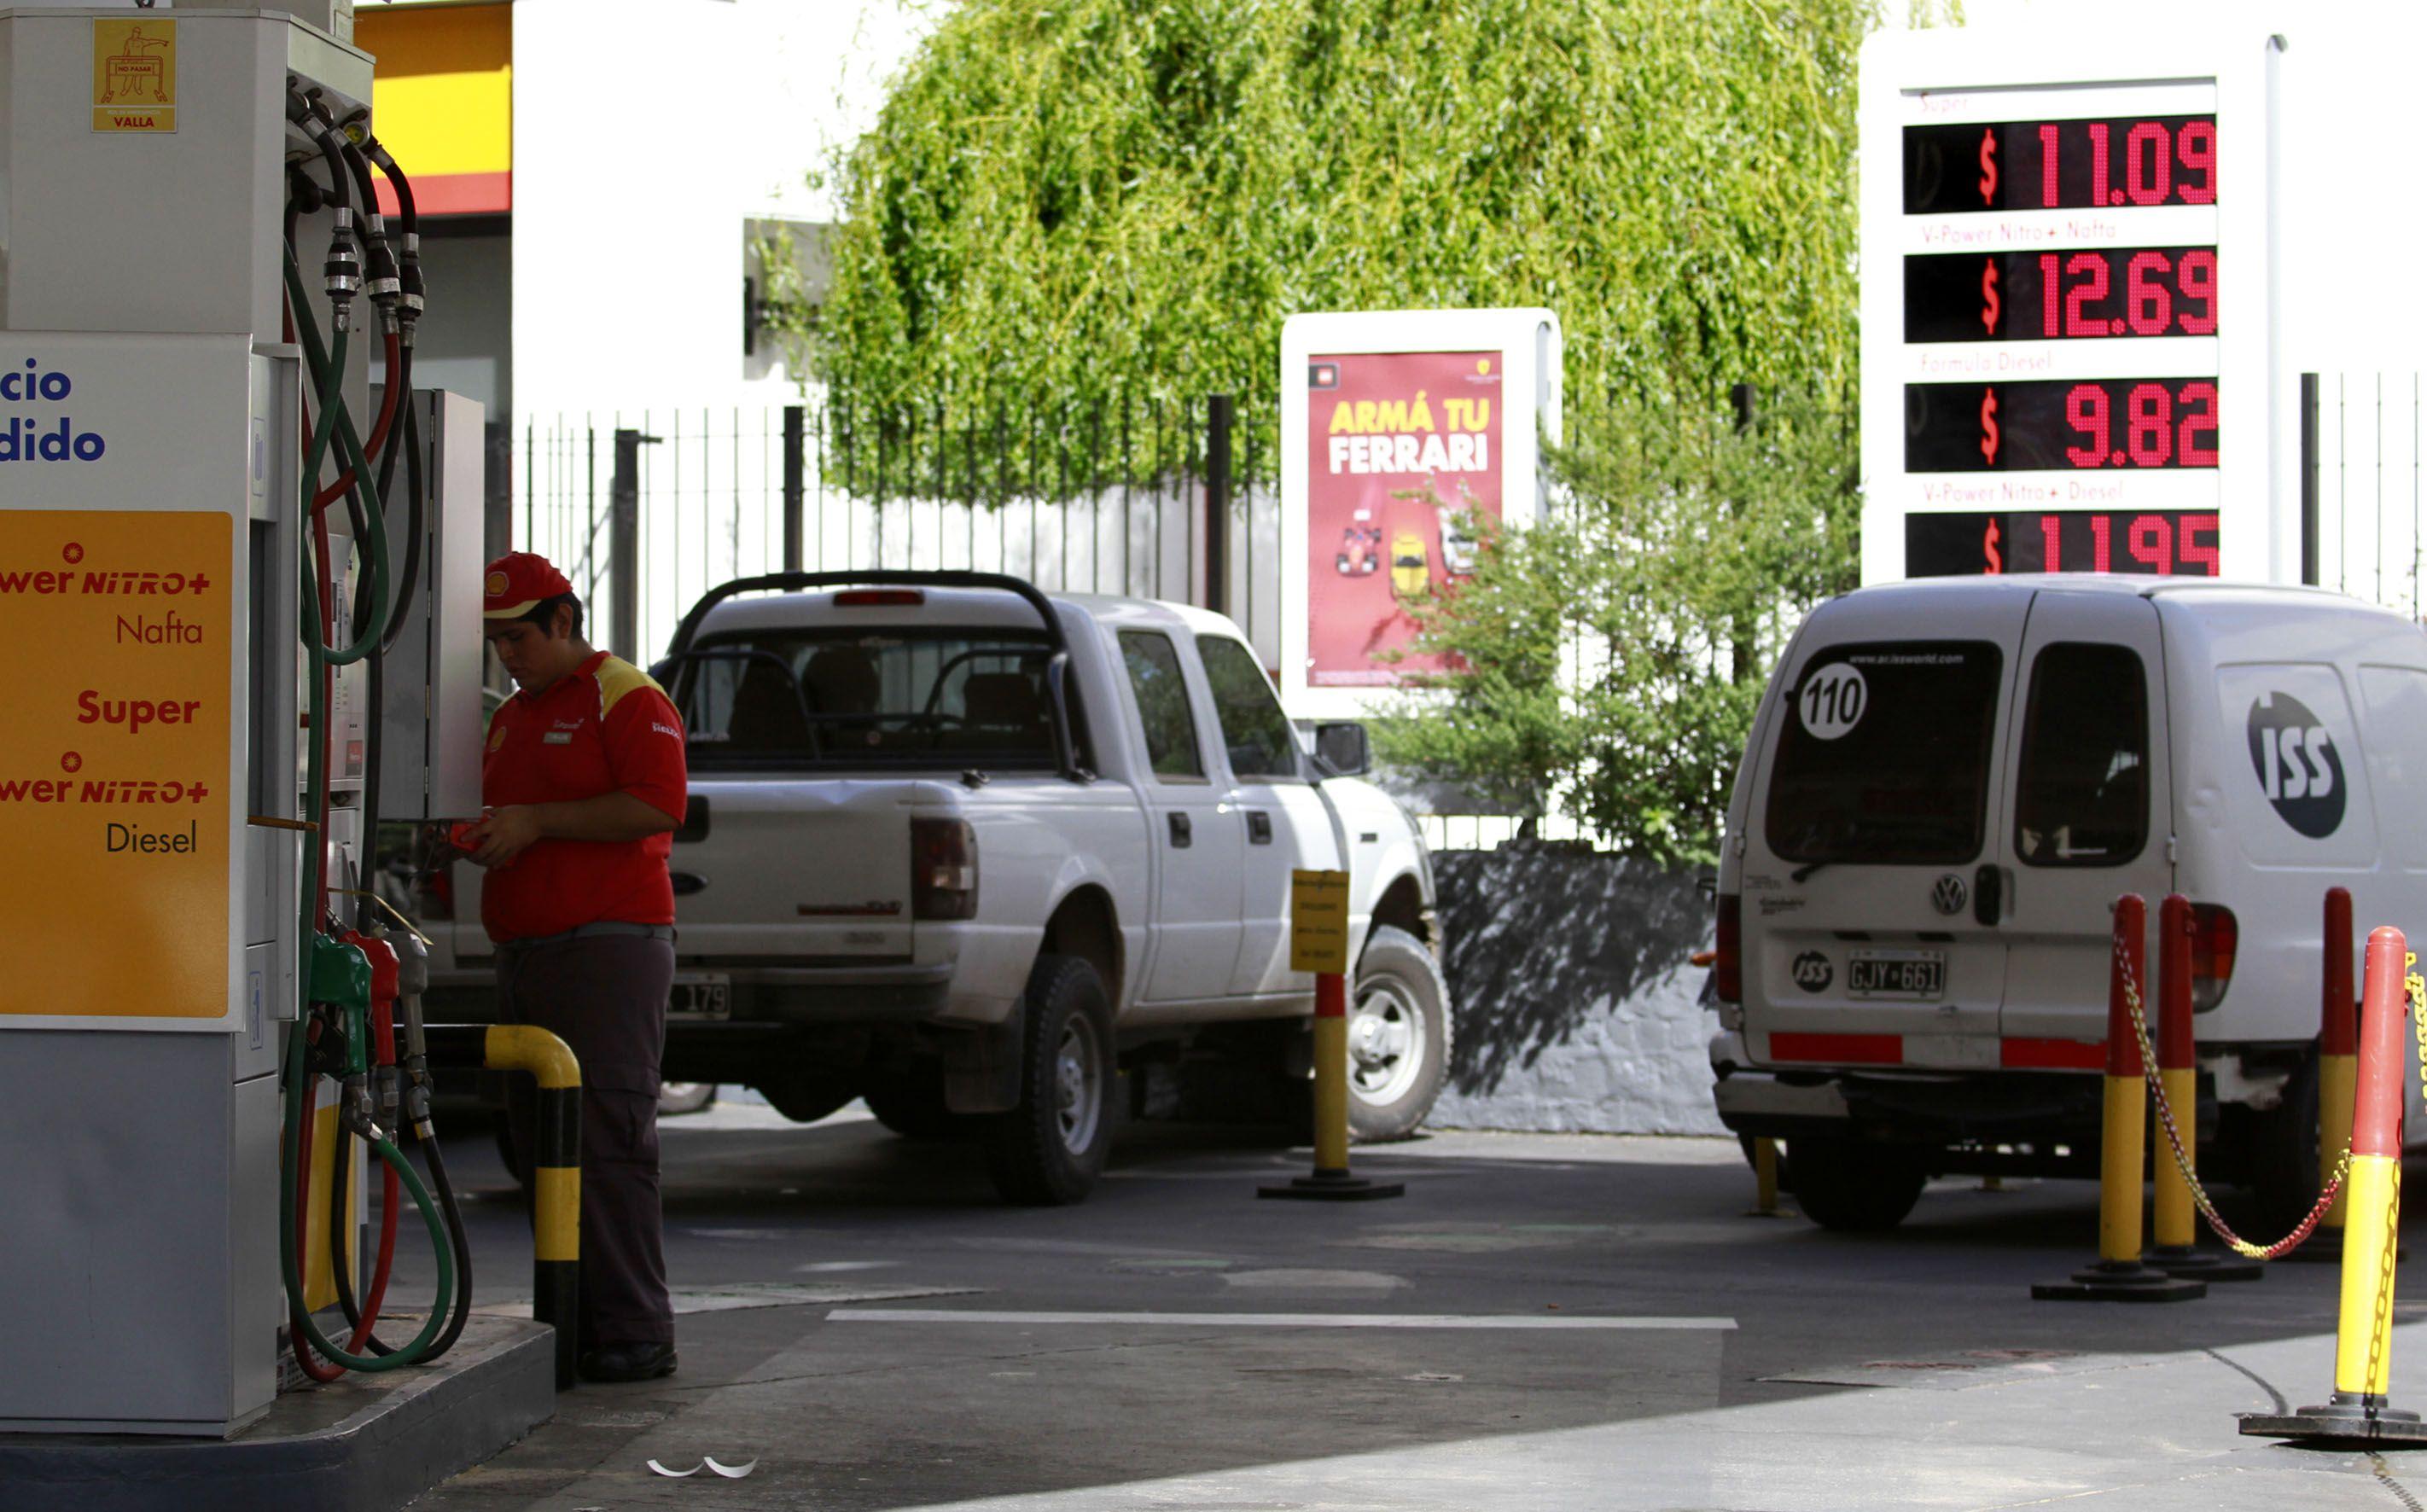 La gente dejó de cargar nafta y hasta gas por los precios